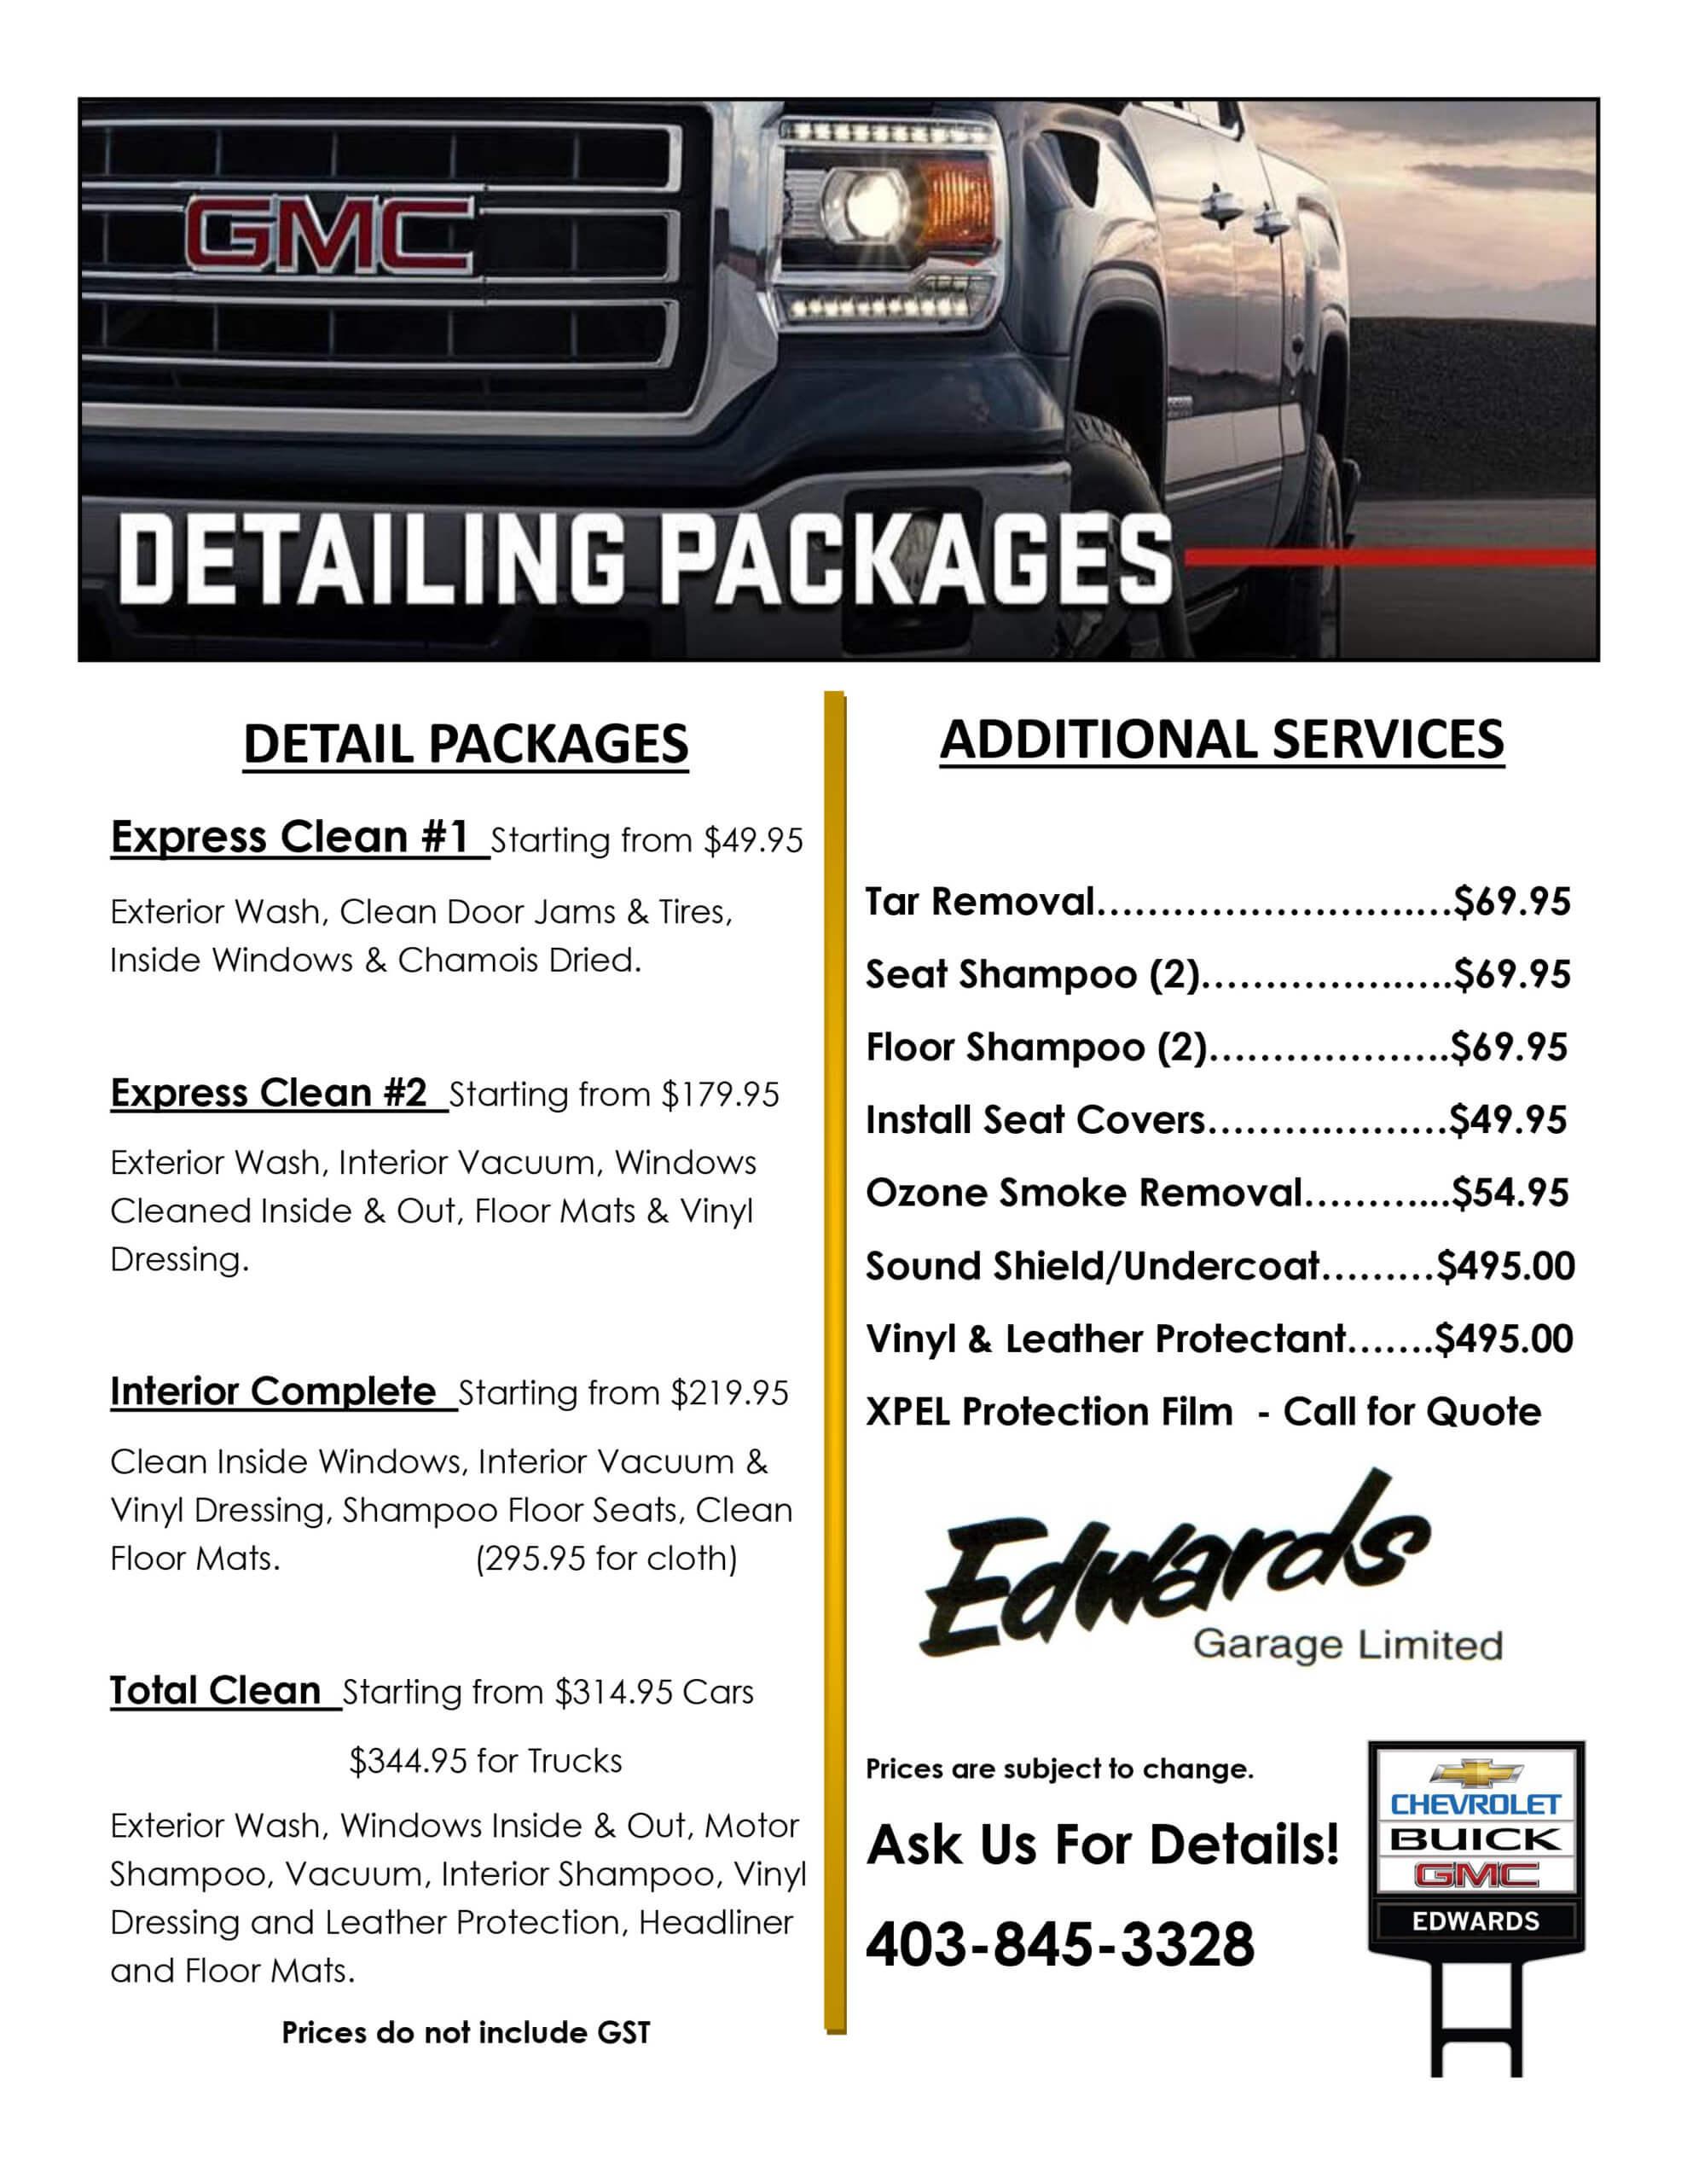 Edwards Garage Detailing Packages